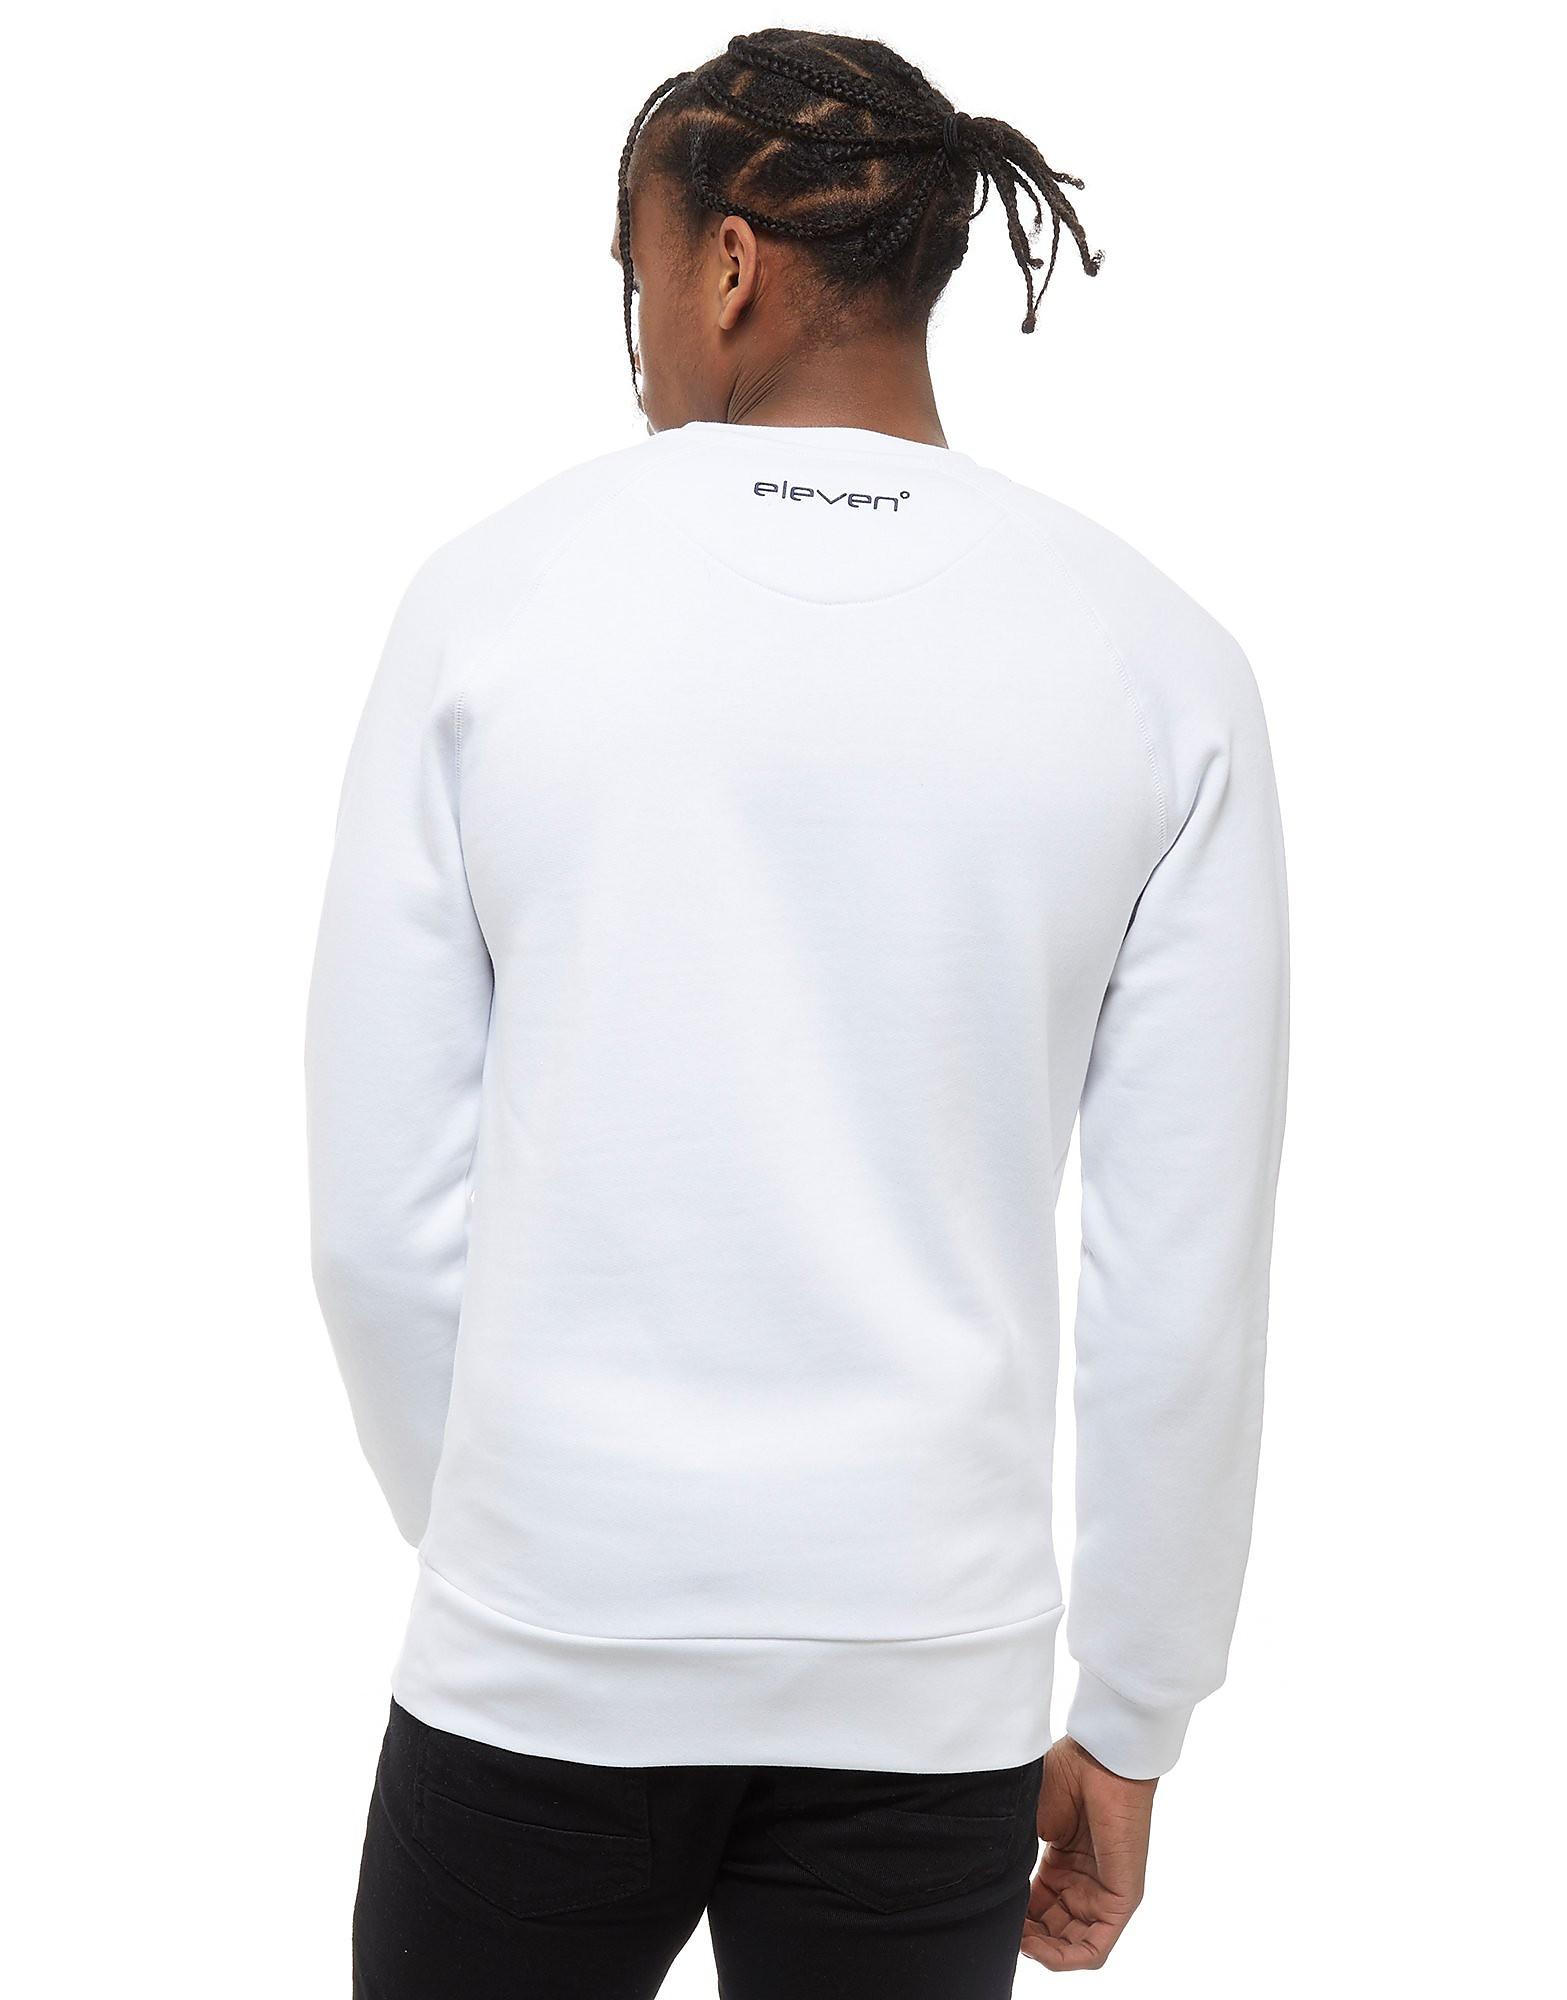 11 Degrees Crew Neck Sweatshirt